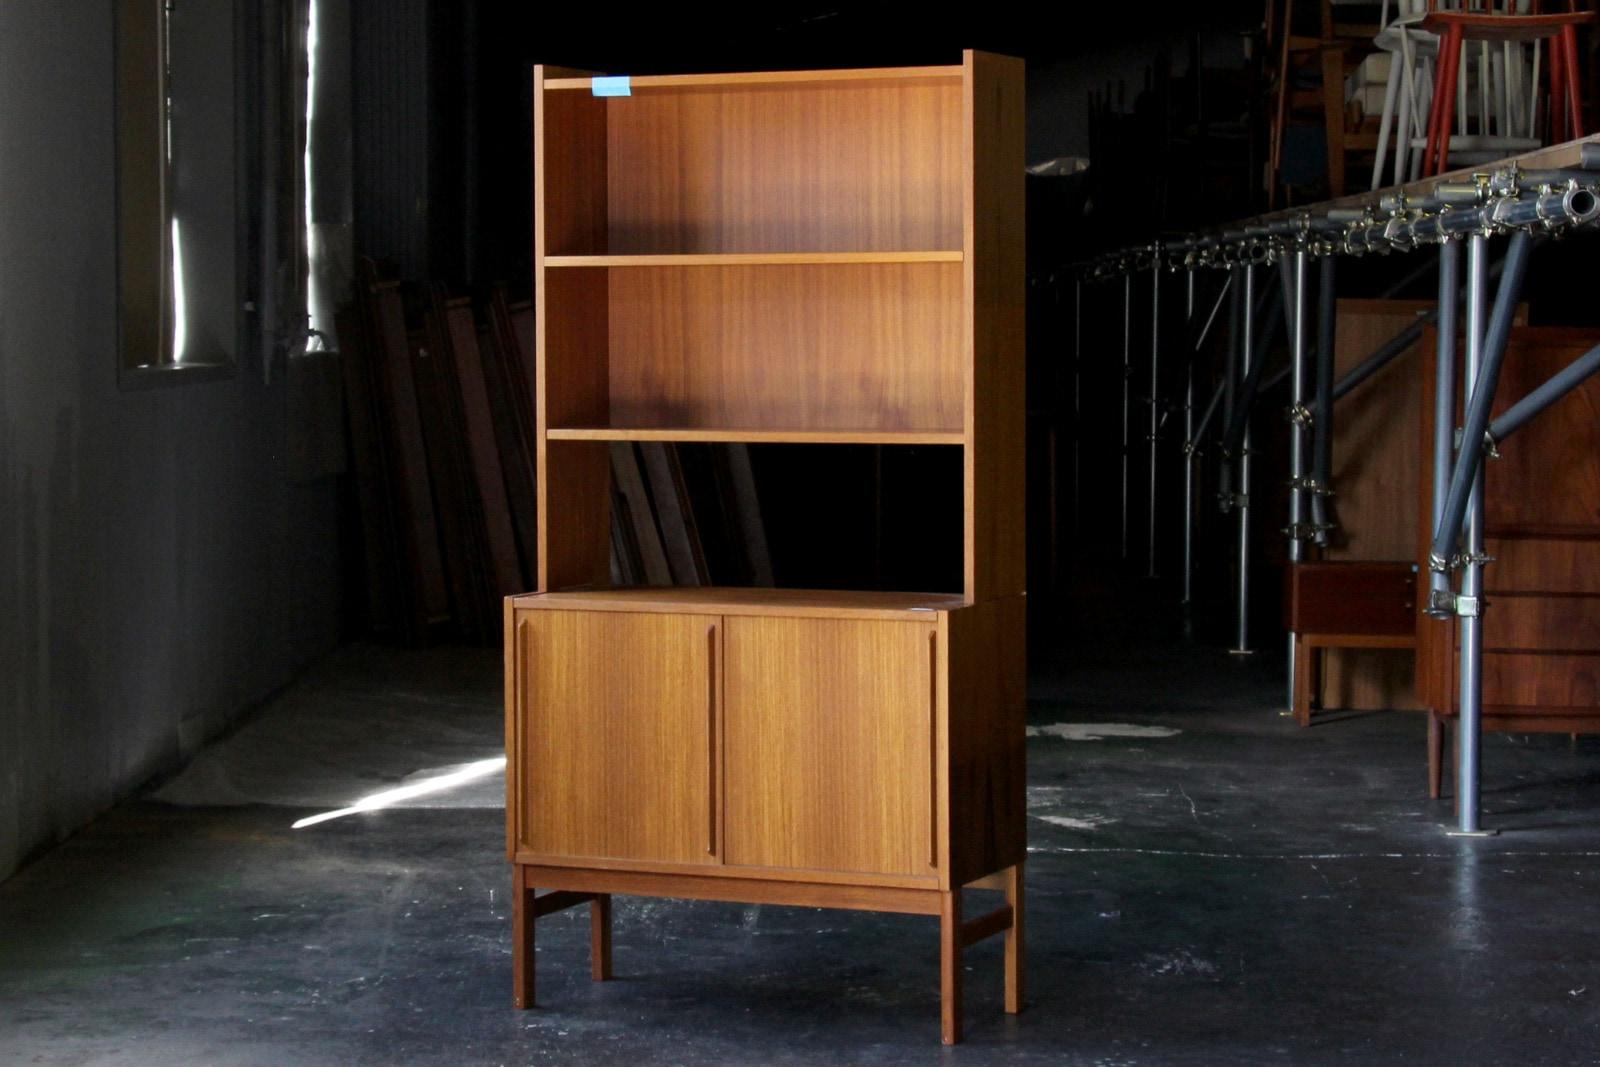 北欧,ミッドセンチュリー,家具,本棚,ブック,シェルフ,小さい